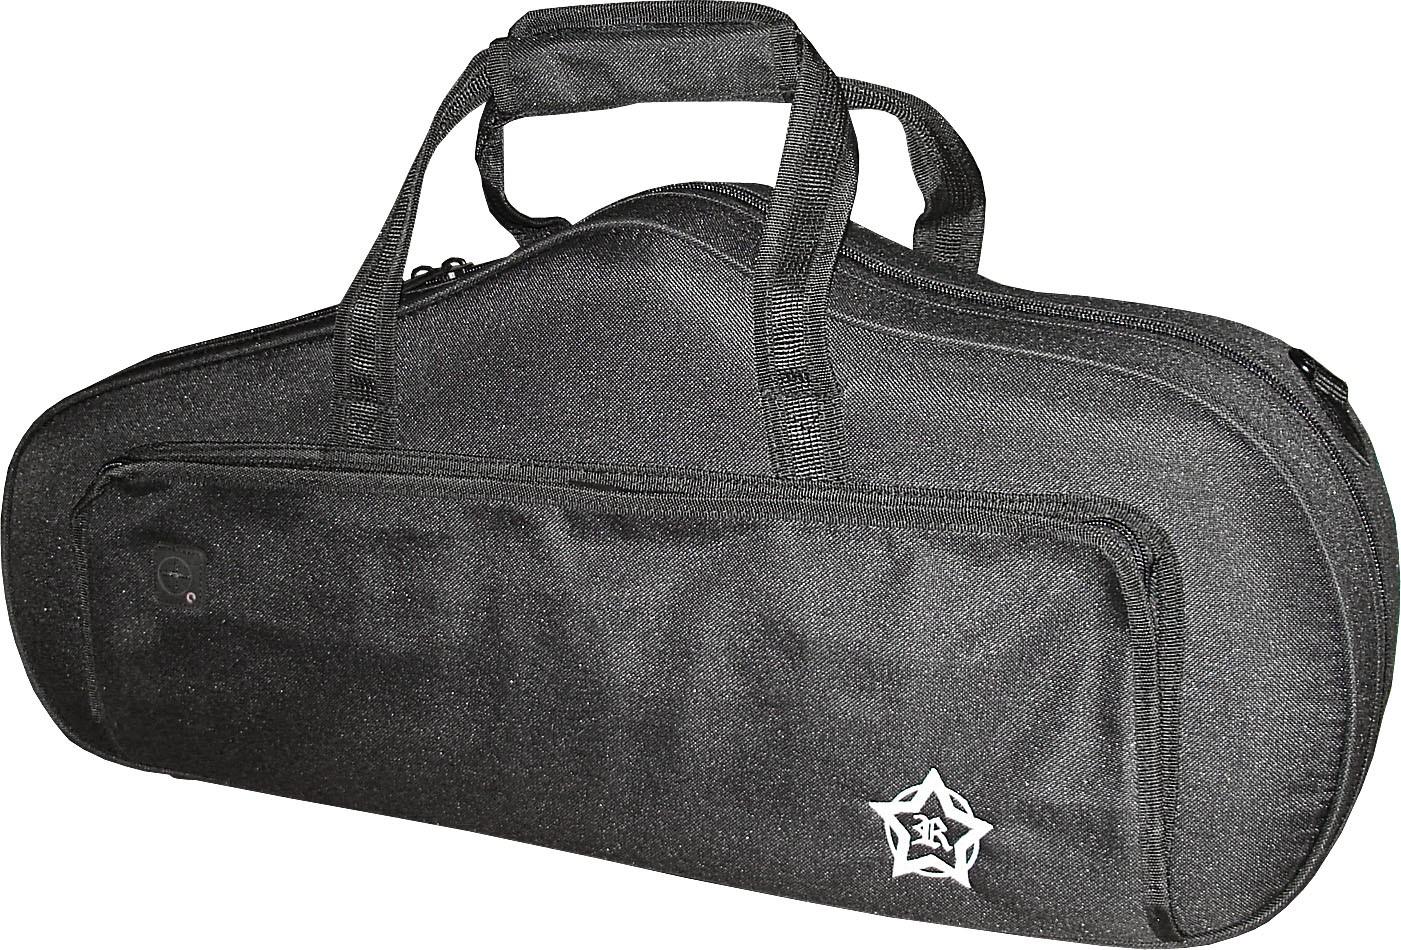 Rosetti Alto Saxophone Bag - Black